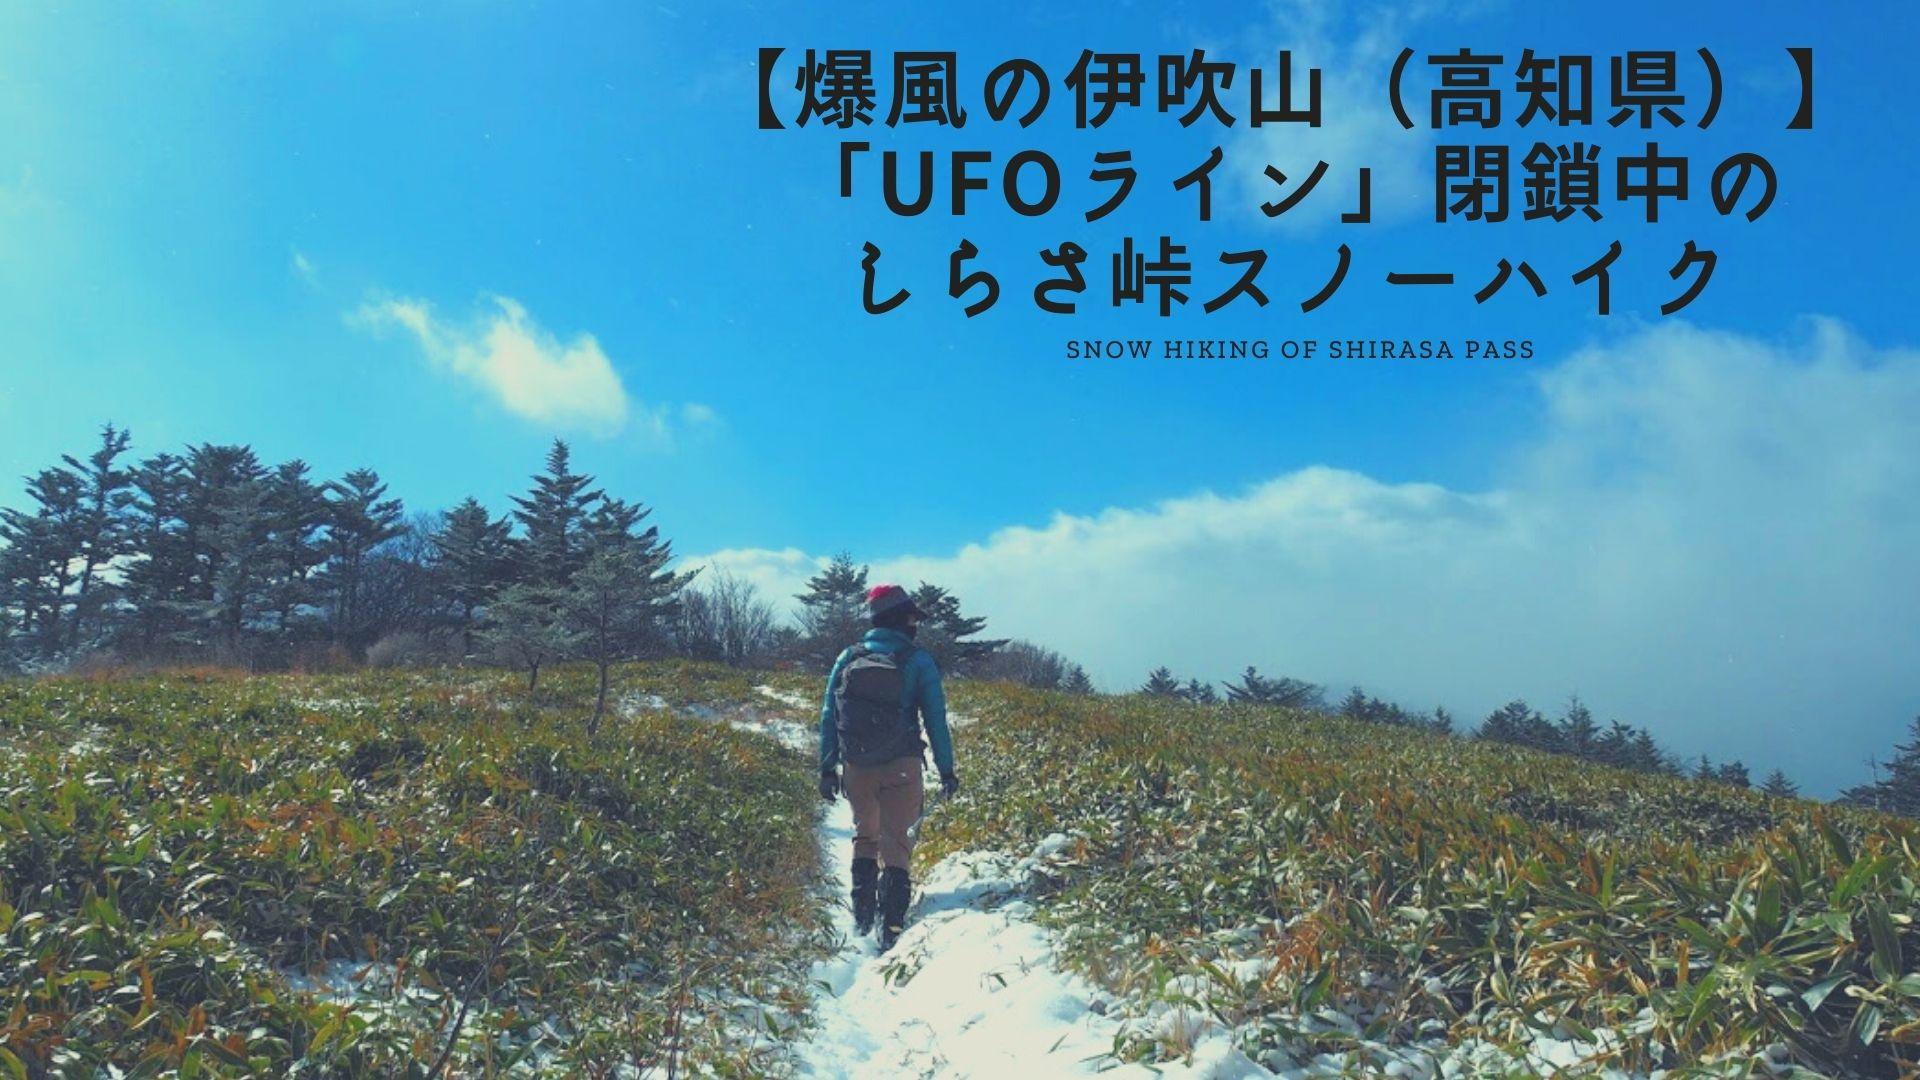 【爆風の伊吹山(高知県)】UFOライン閉鎖中のしらさ峠スノーハイク